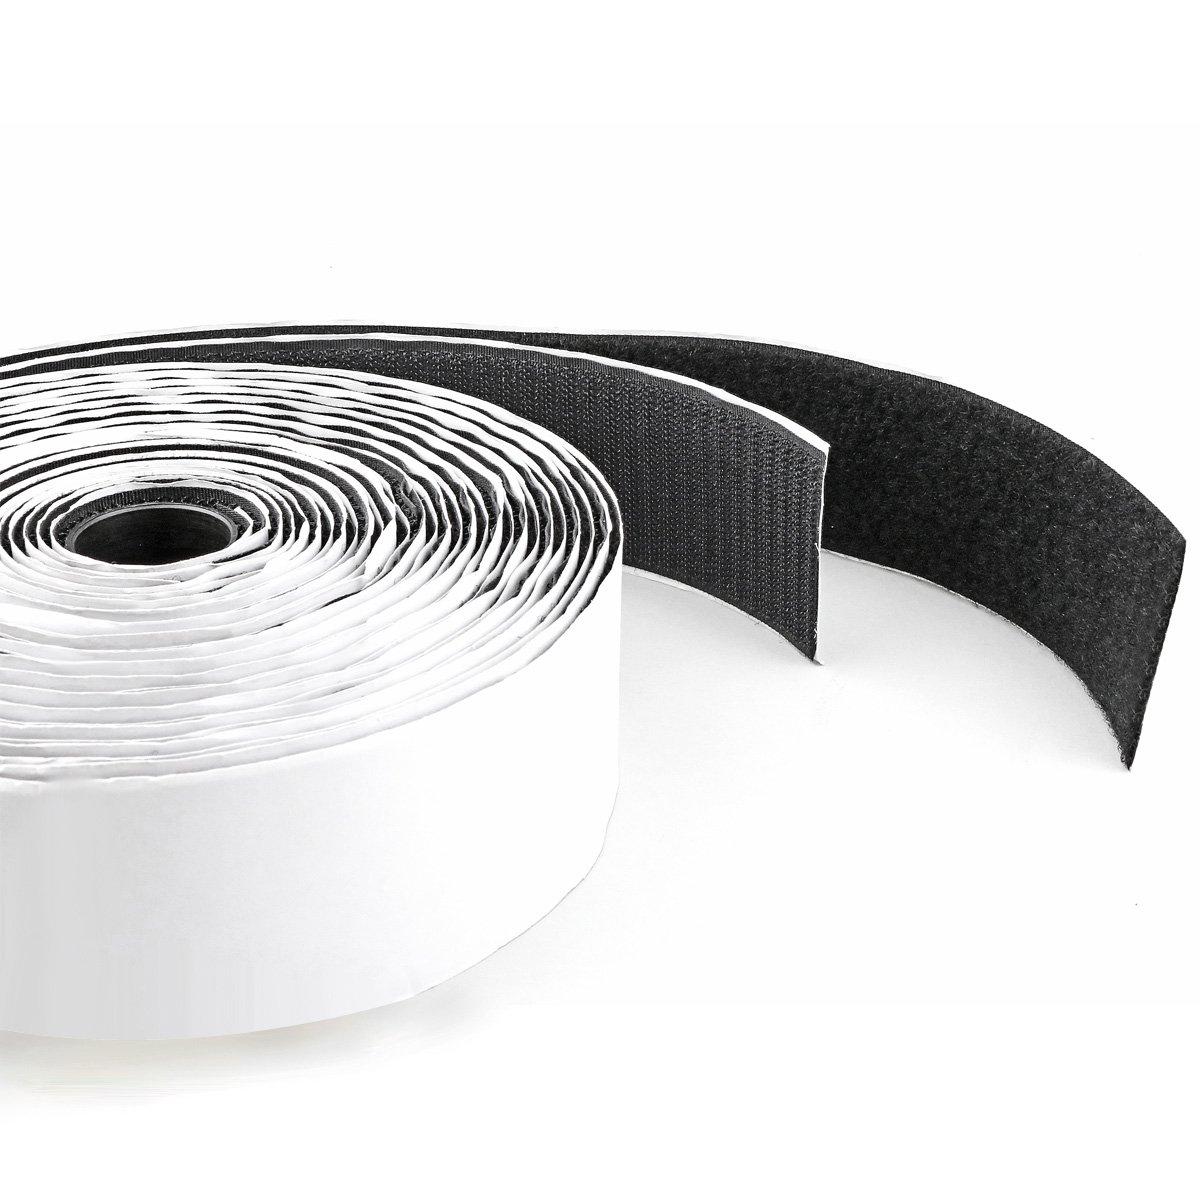 Hook & Loop Self Adhesive Strong Gripping Fastener Tape 1' x 16' Industrial Strength - Black